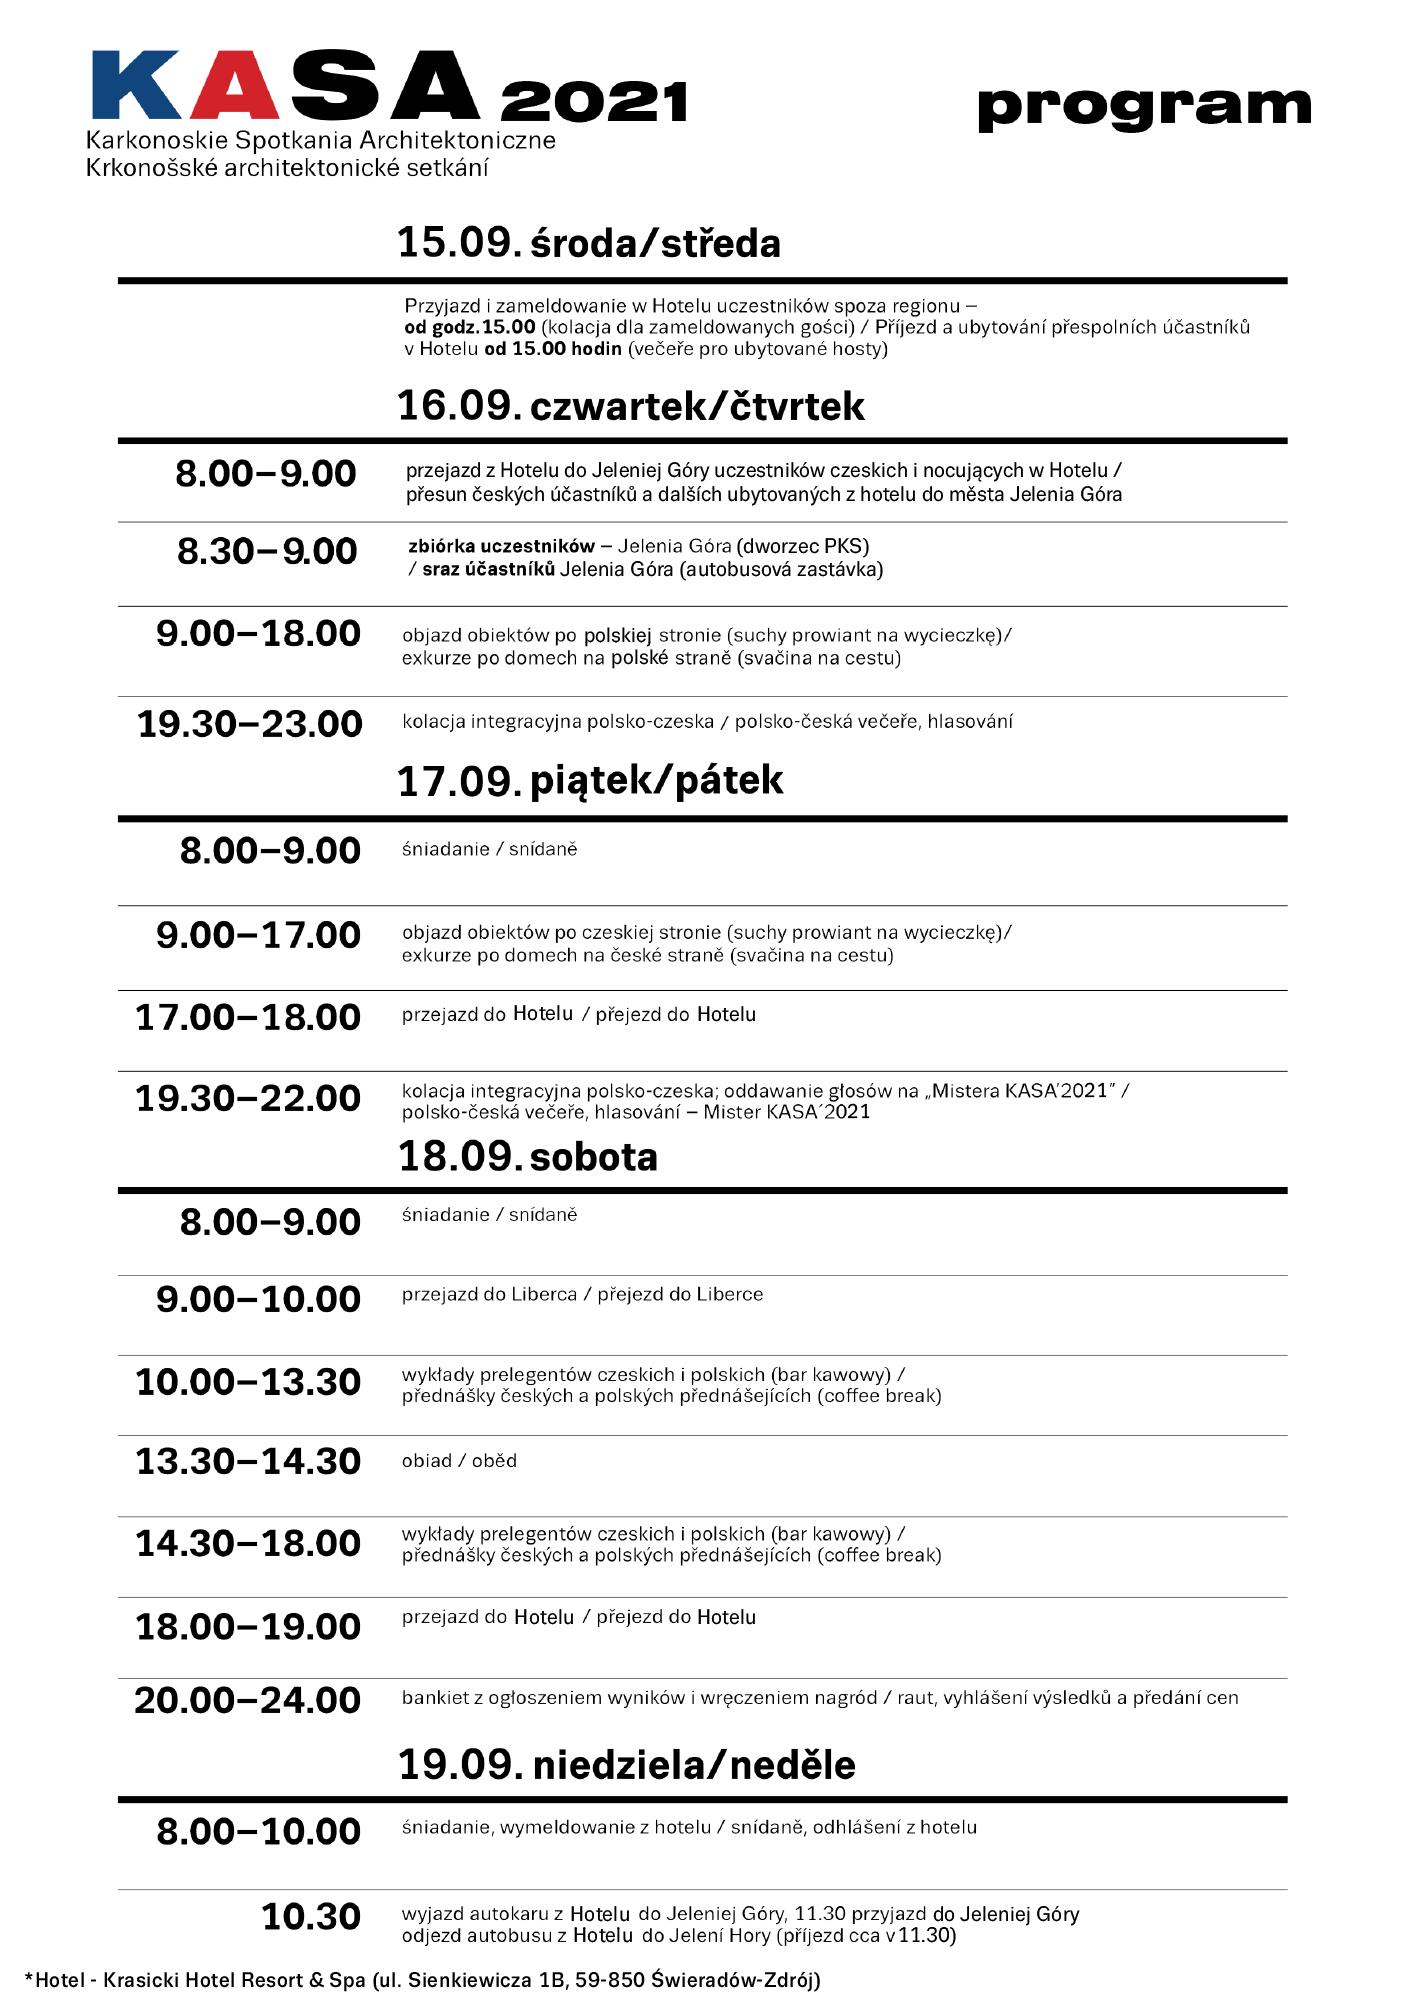 KASA 2021 Program exkurze